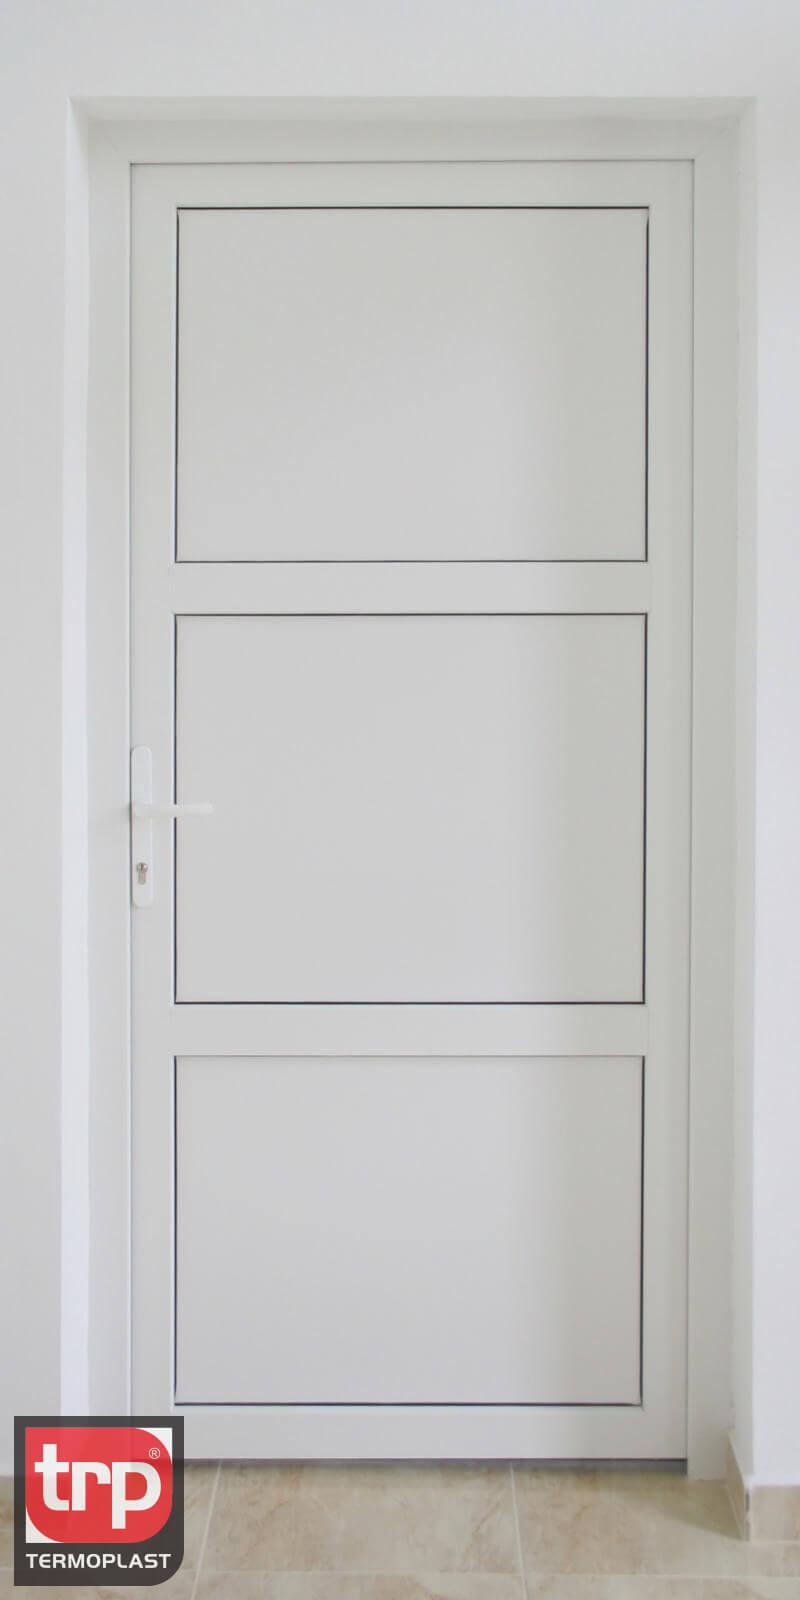 Termoplast - portas interiores